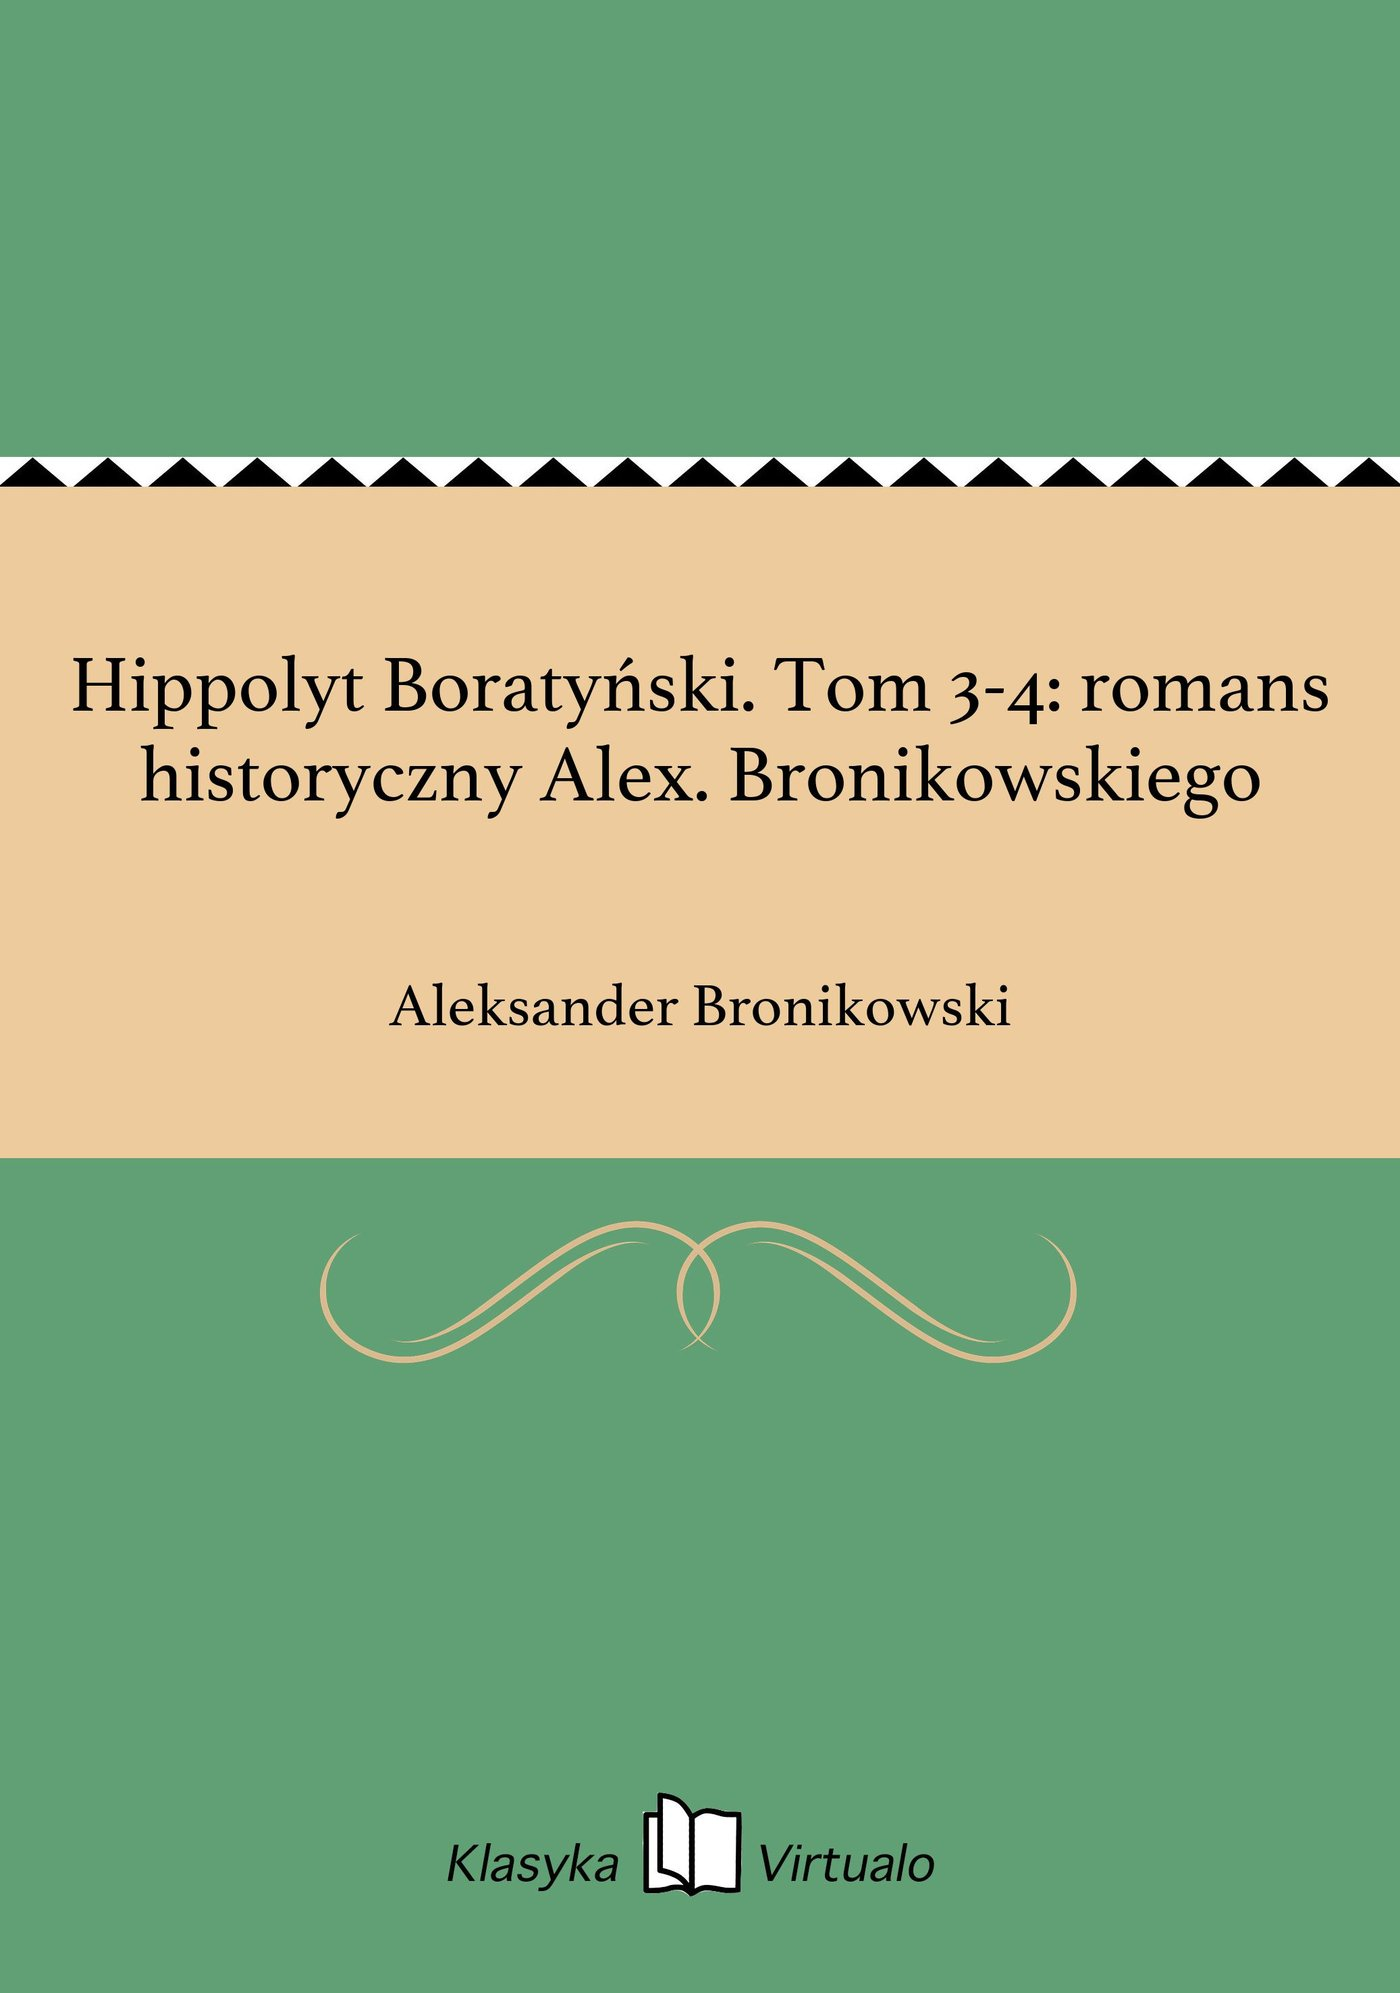 Hippolyt Boratyński. Tom 3-4: romans historyczny Alex. Bronikowskiego - Ebook (Książka na Kindle) do pobrania w formacie MOBI